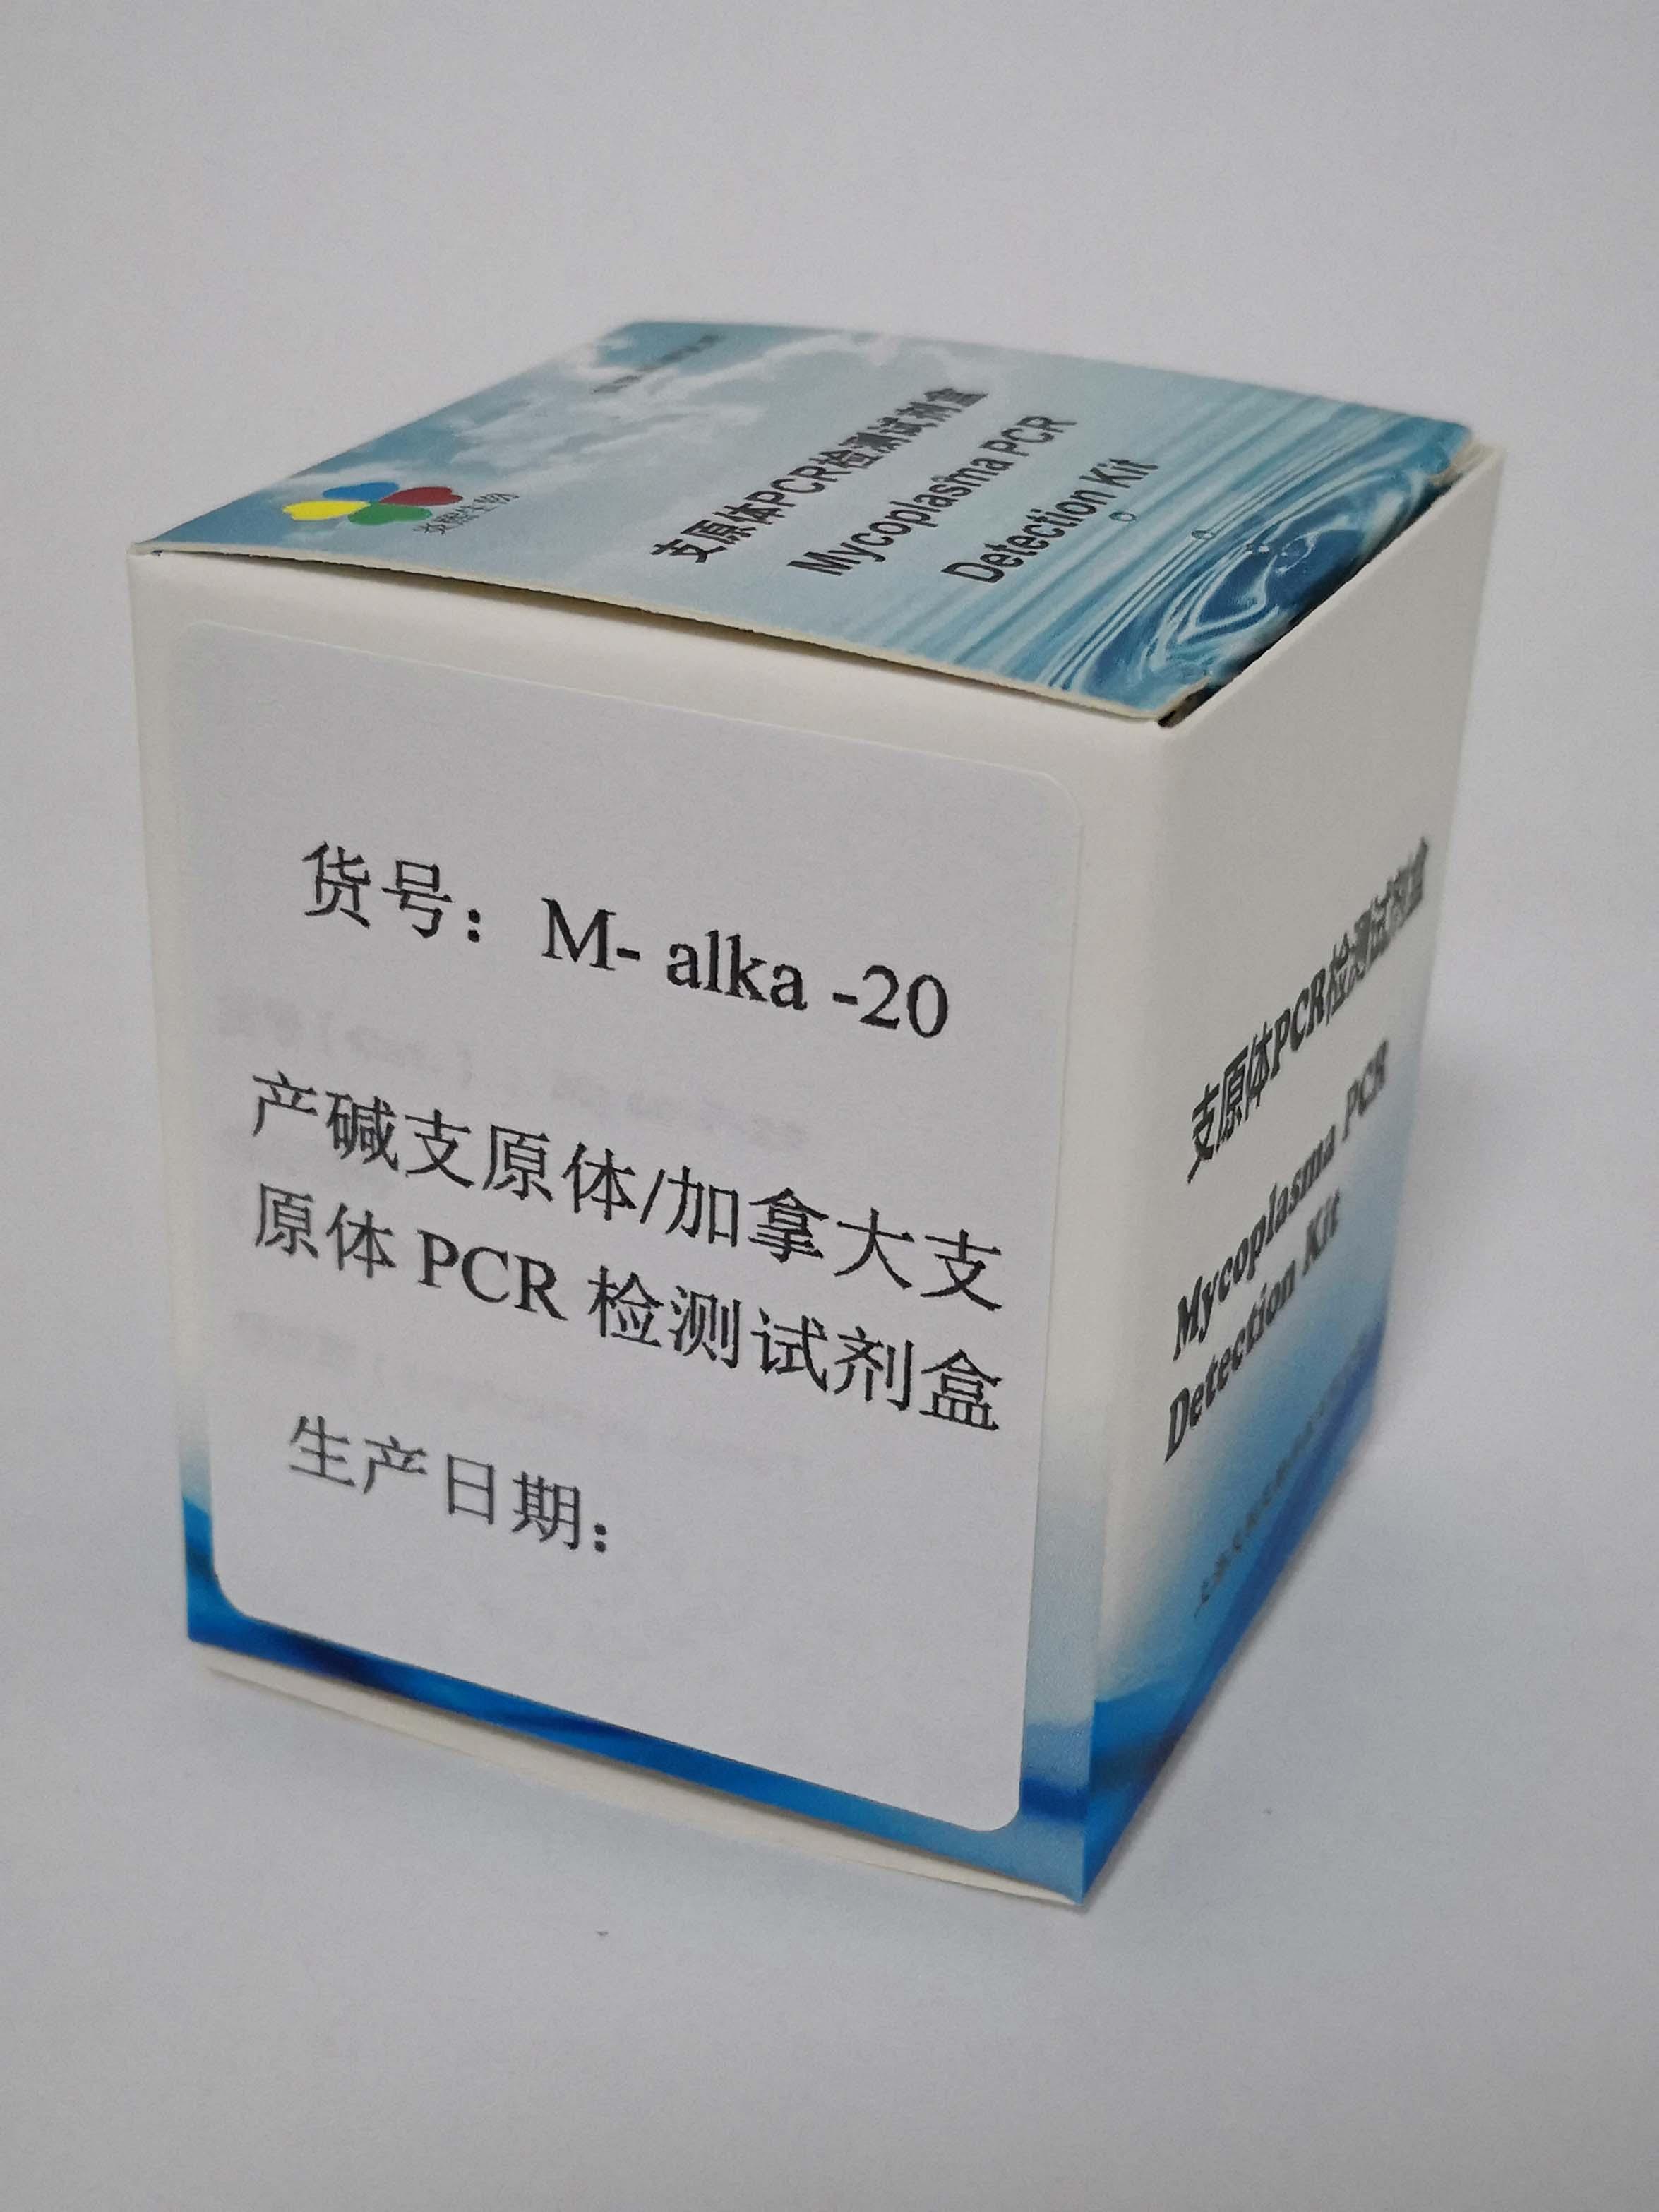 产碱支原体/加拿大支原体PCR检测 产碱支原体PCR检测试剂盒